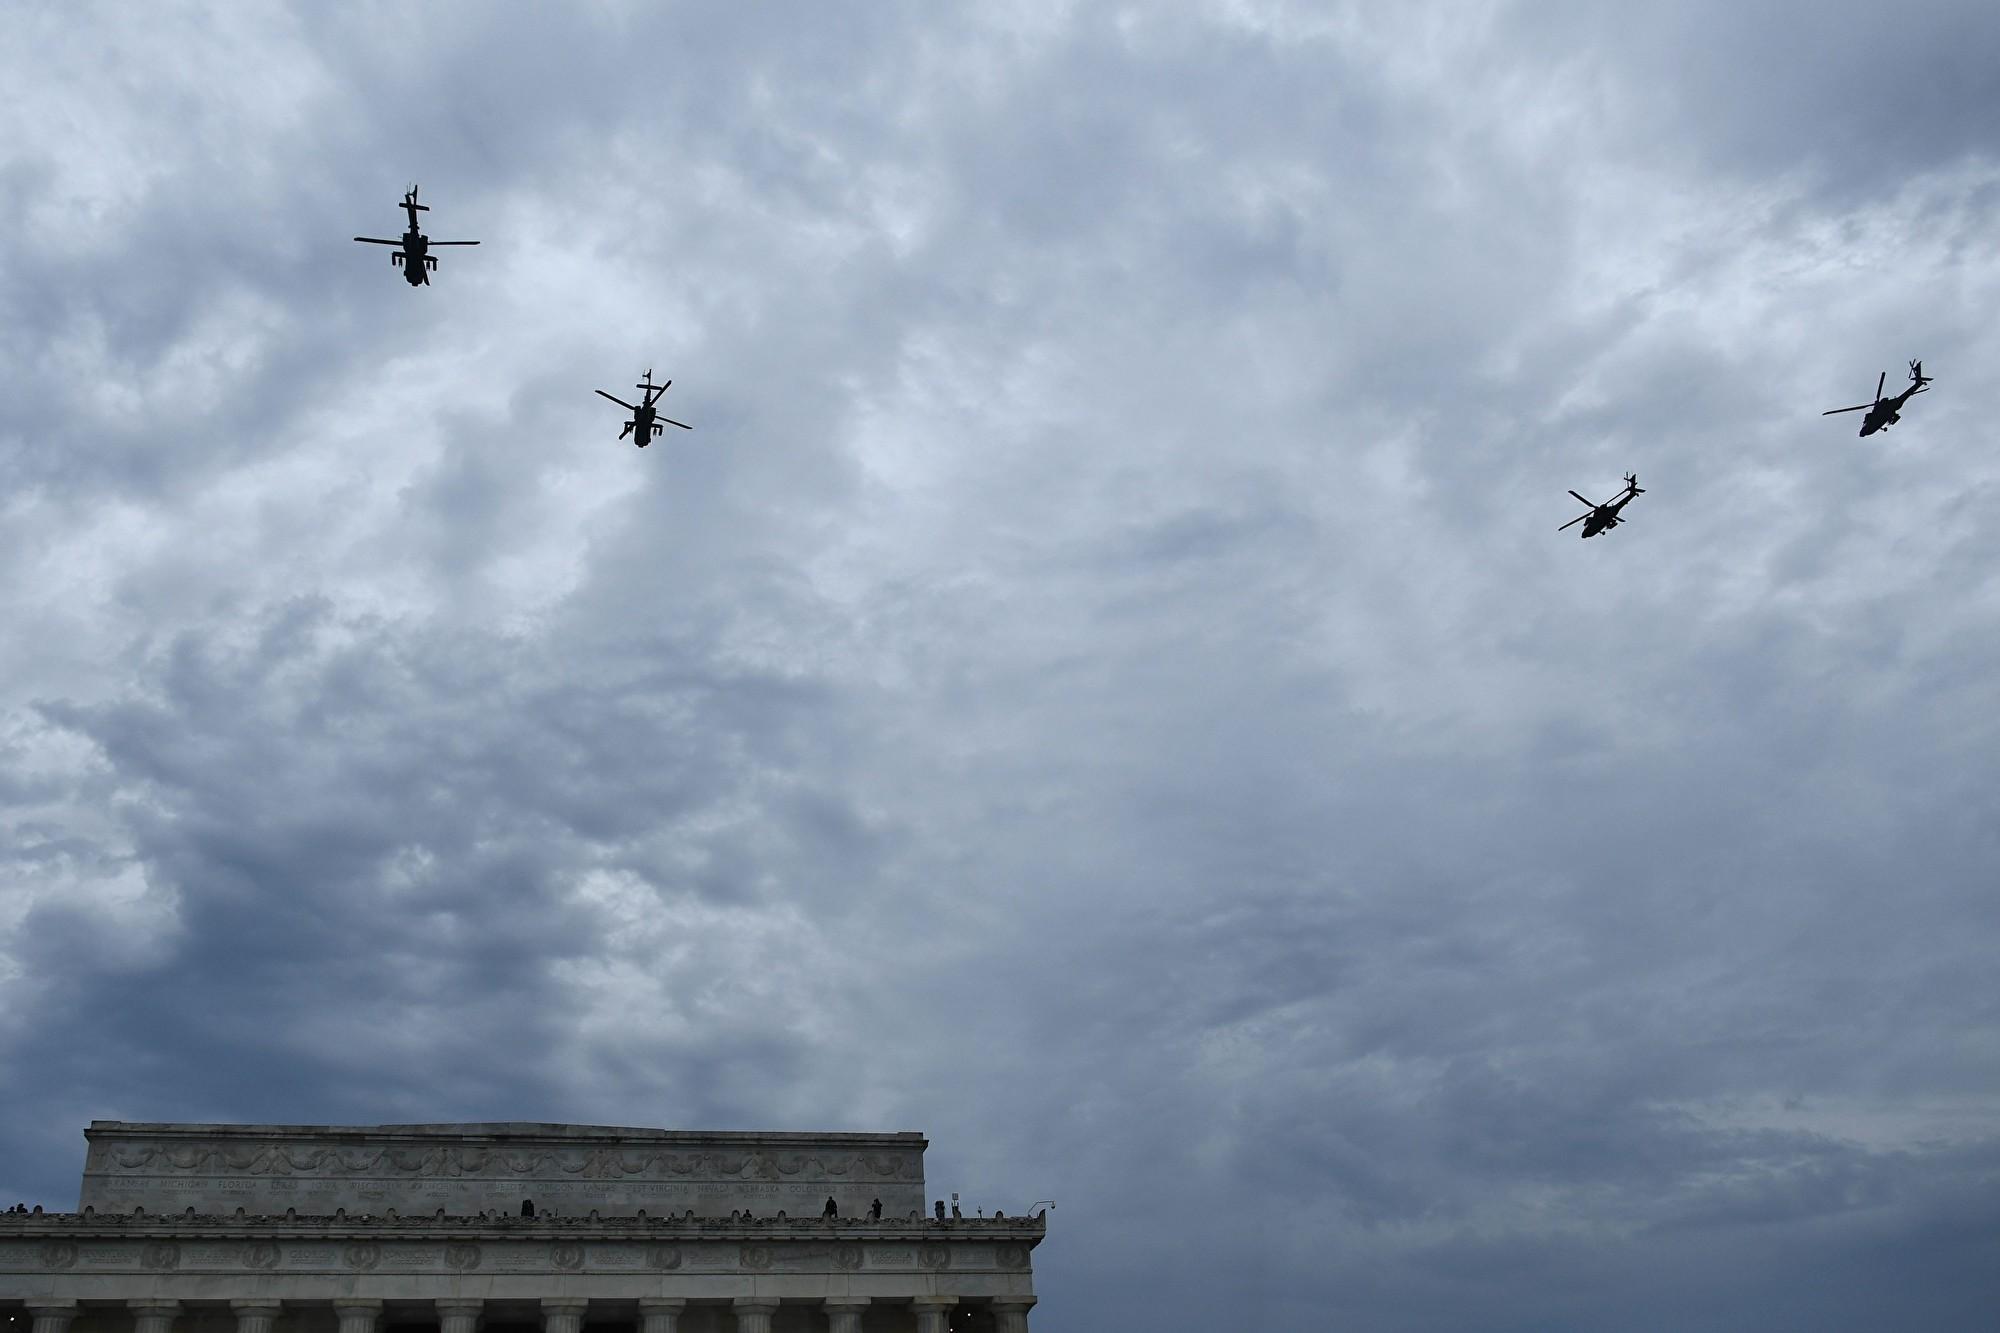 直升機飛掠。(Brendan Smialowski/AFP)